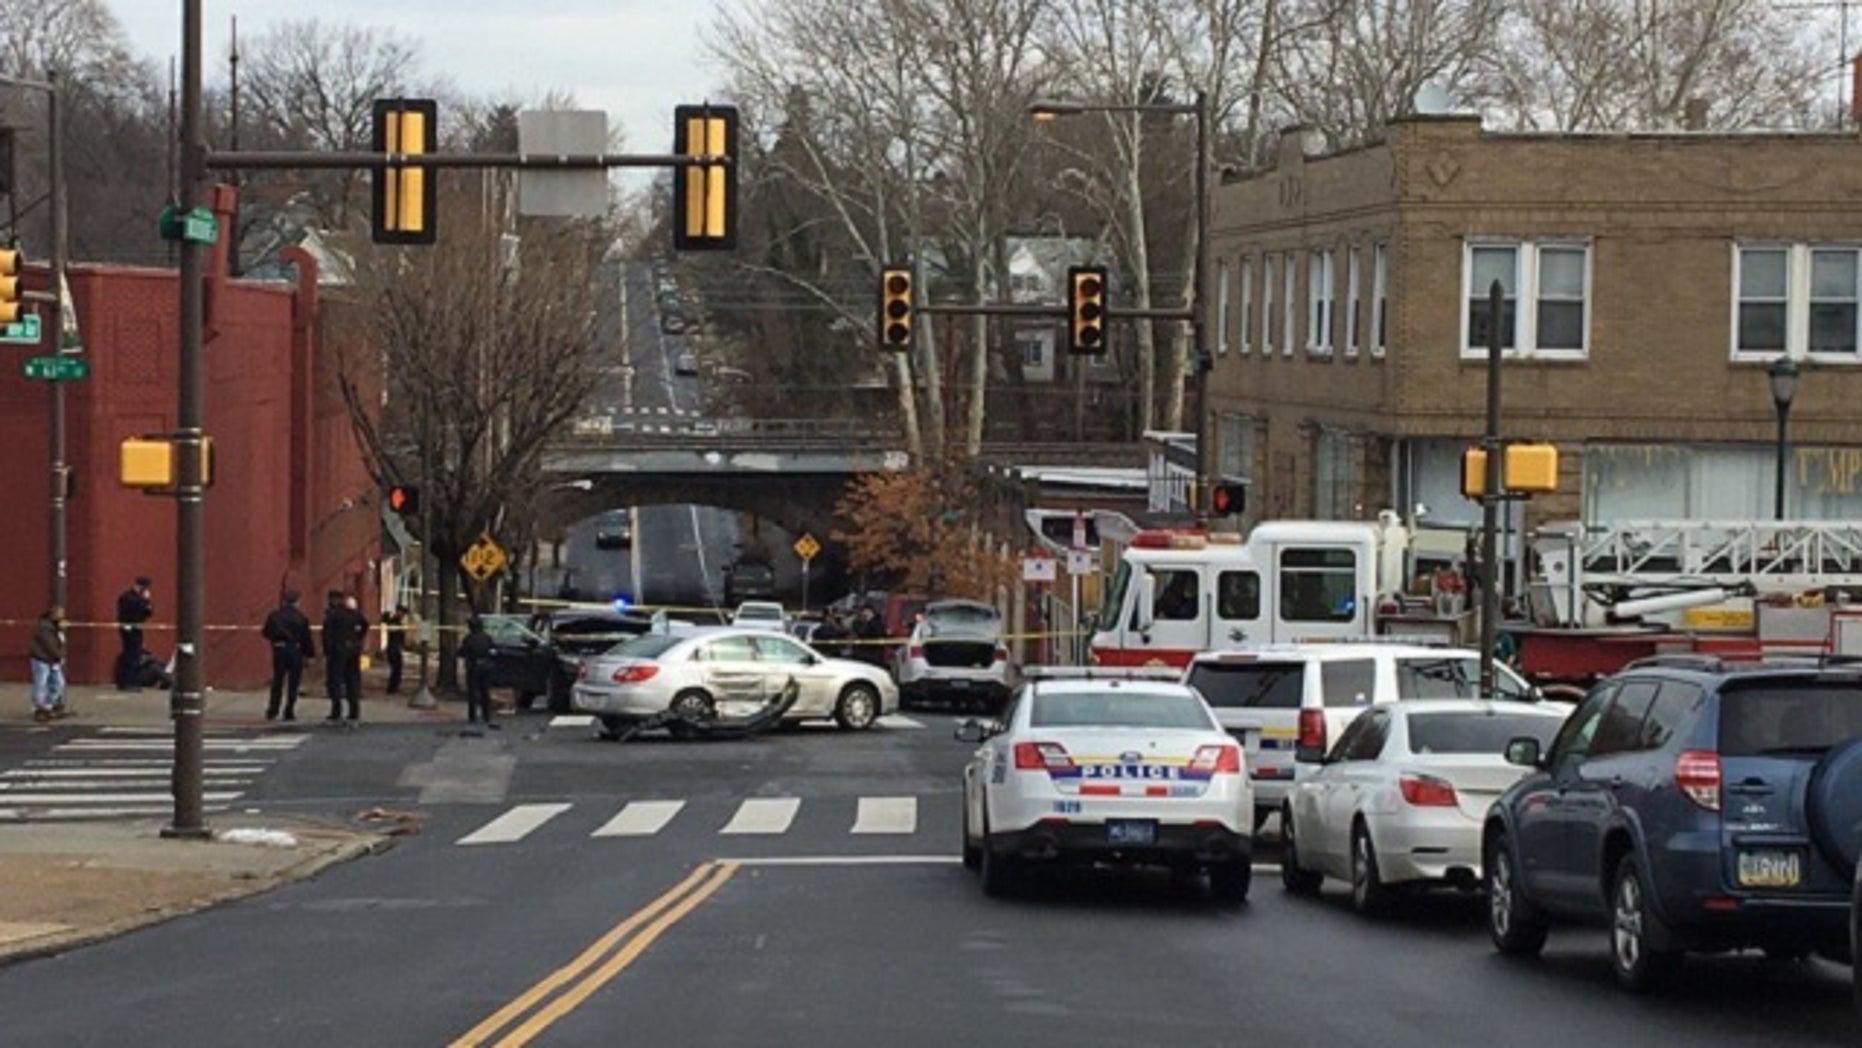 The scene of the crash in Philadelphia.